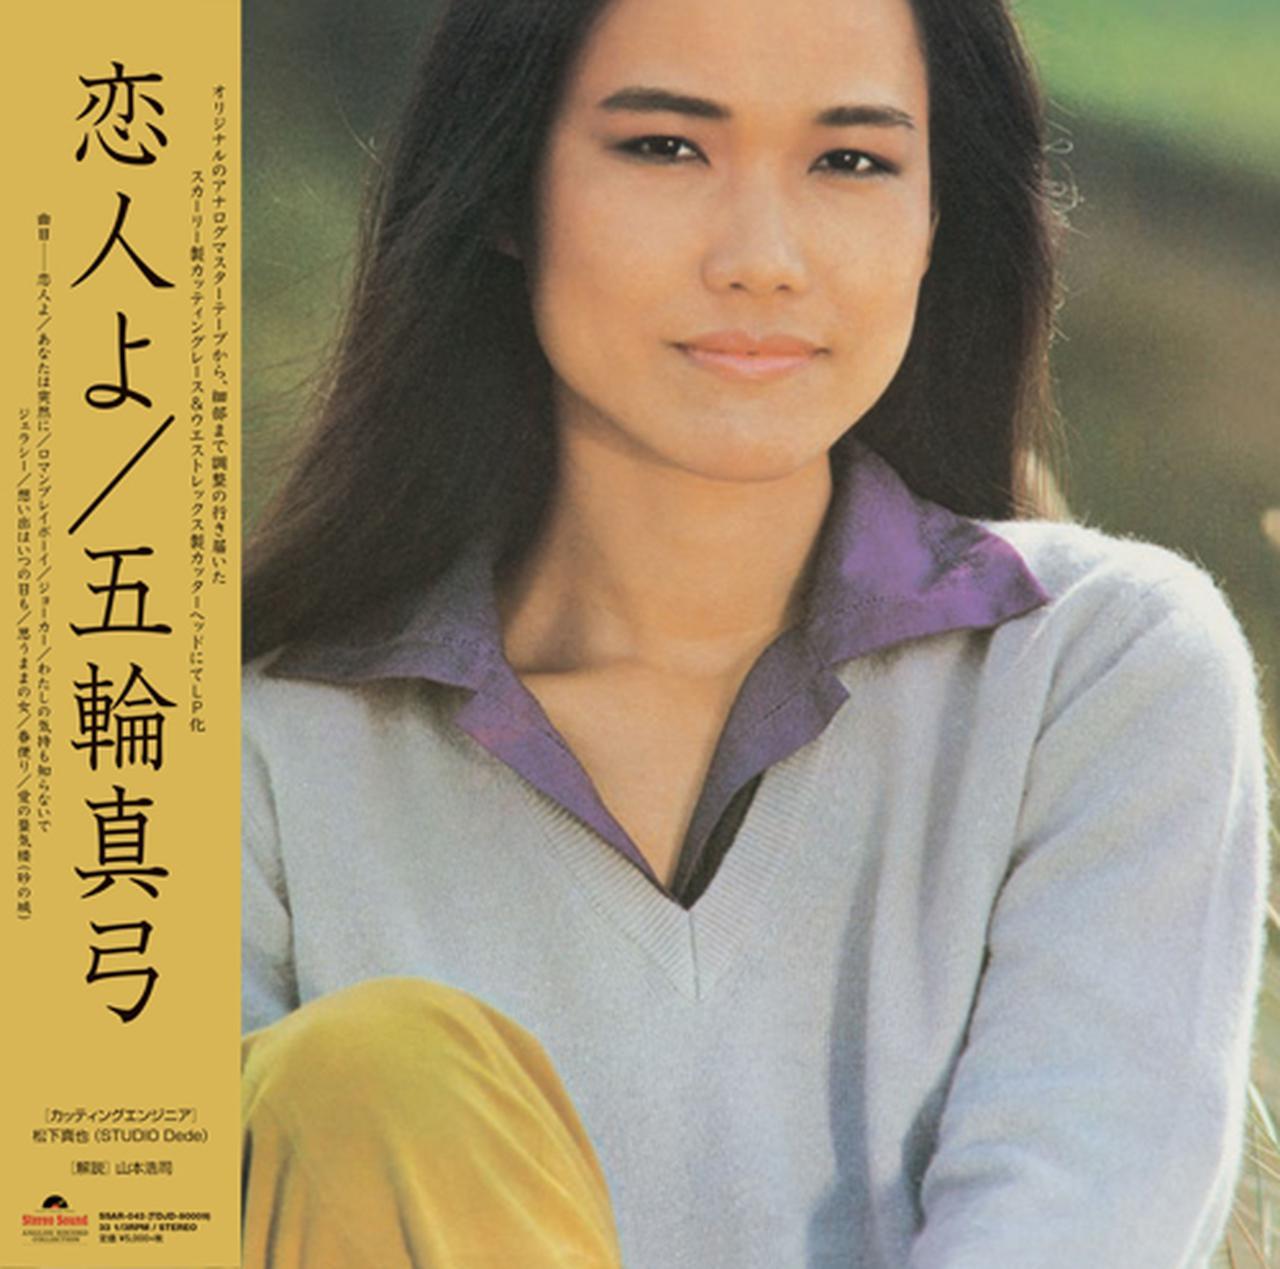 画像: 五輪真弓「恋人よ」(アナログレコード)SSAR-043